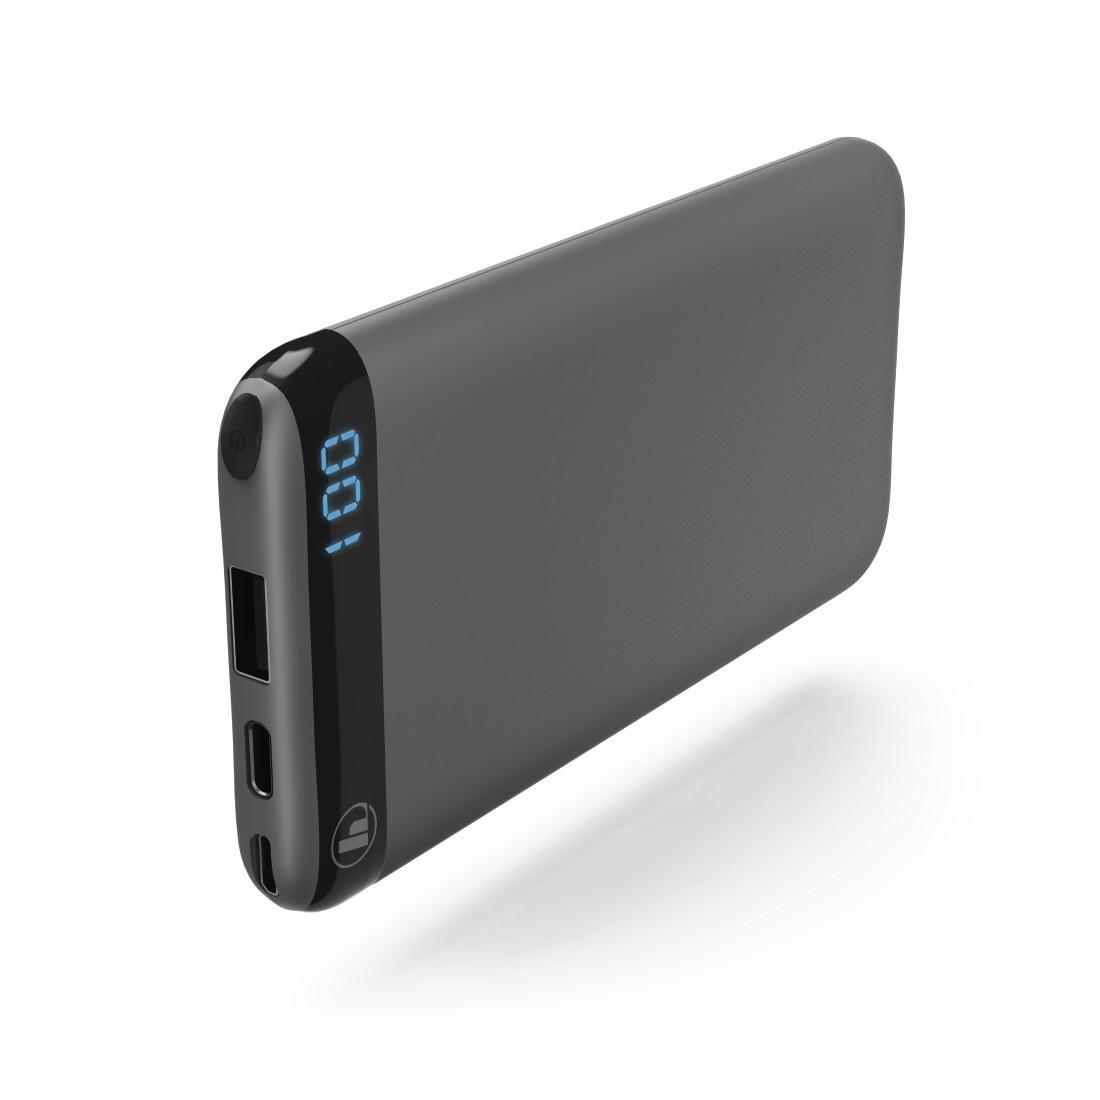 Външна батерия HAMA LED10S, 10000 mAh, Черен,Li-Polymer